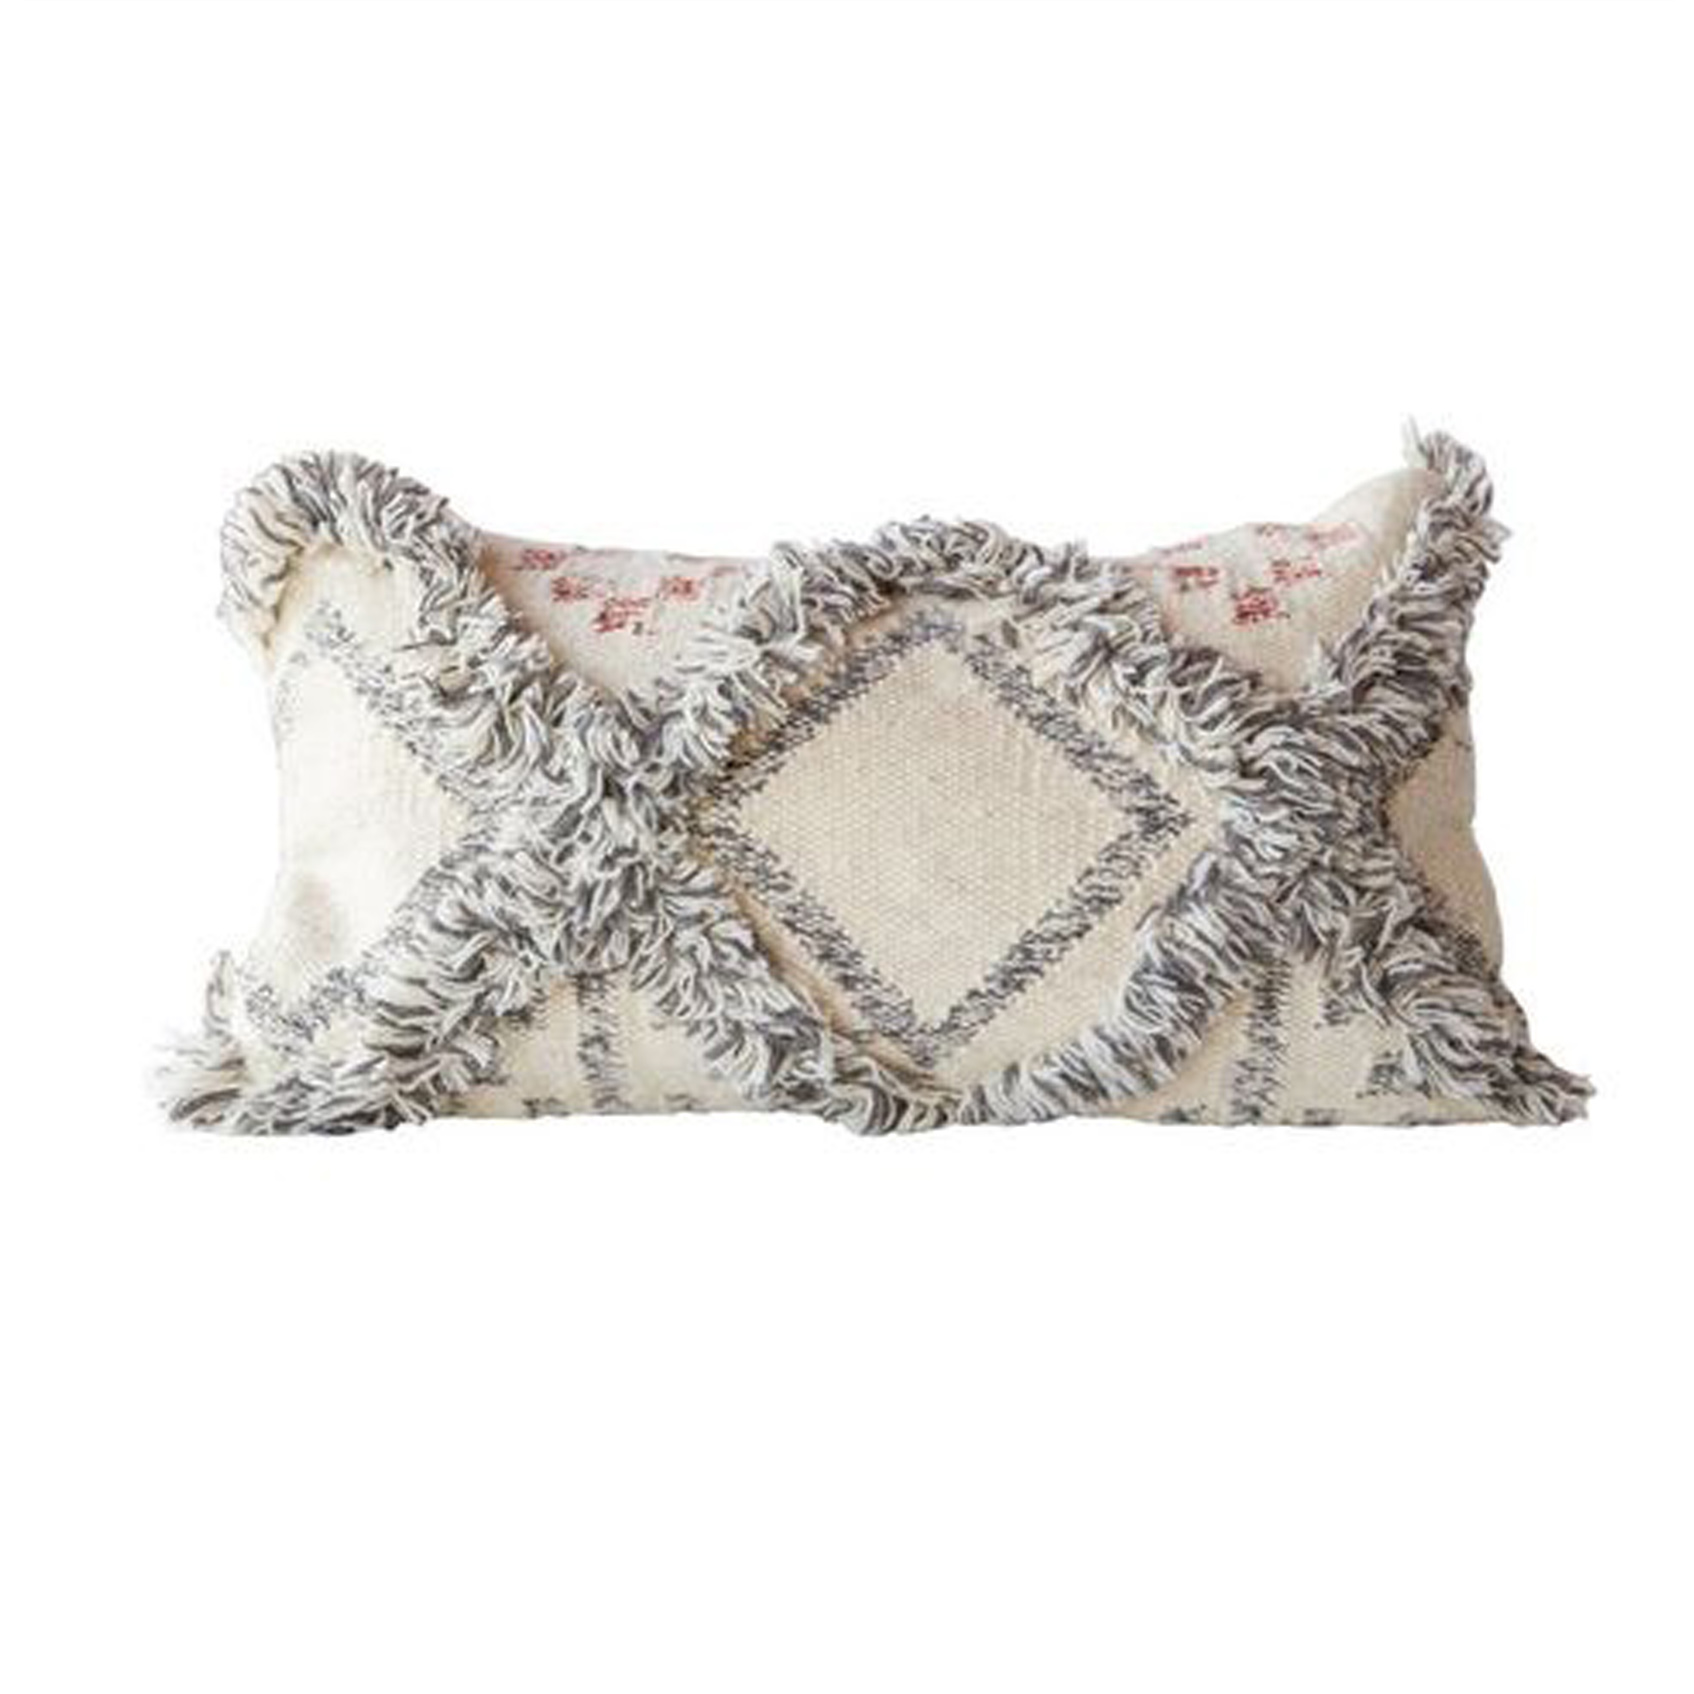 boho throw pillow, boho-chic home decor